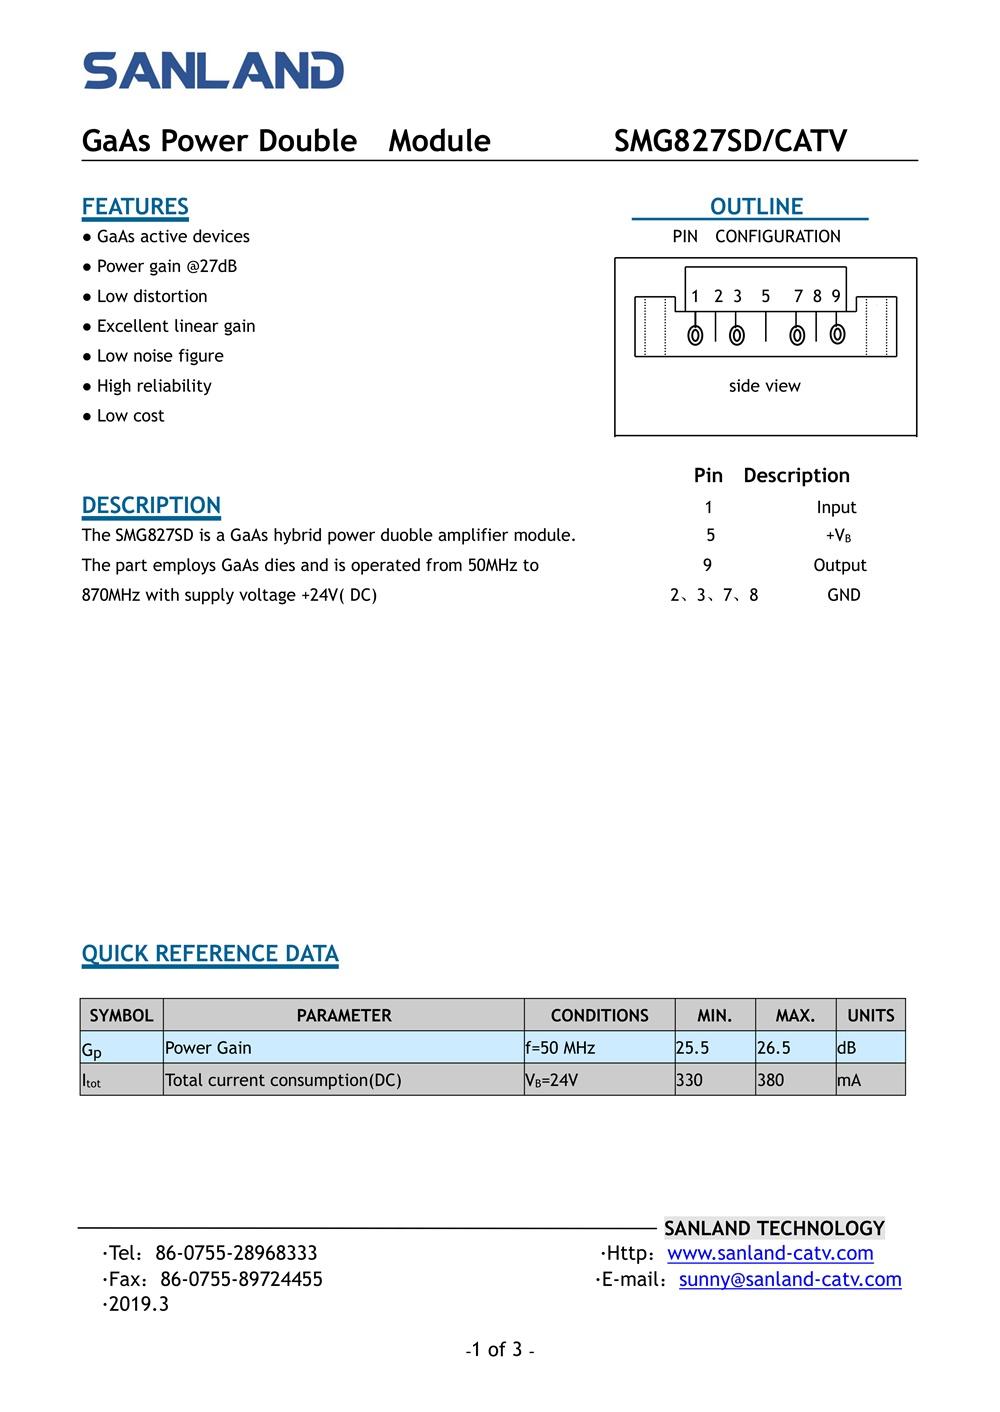 SMG-D>SD>SMG827SD